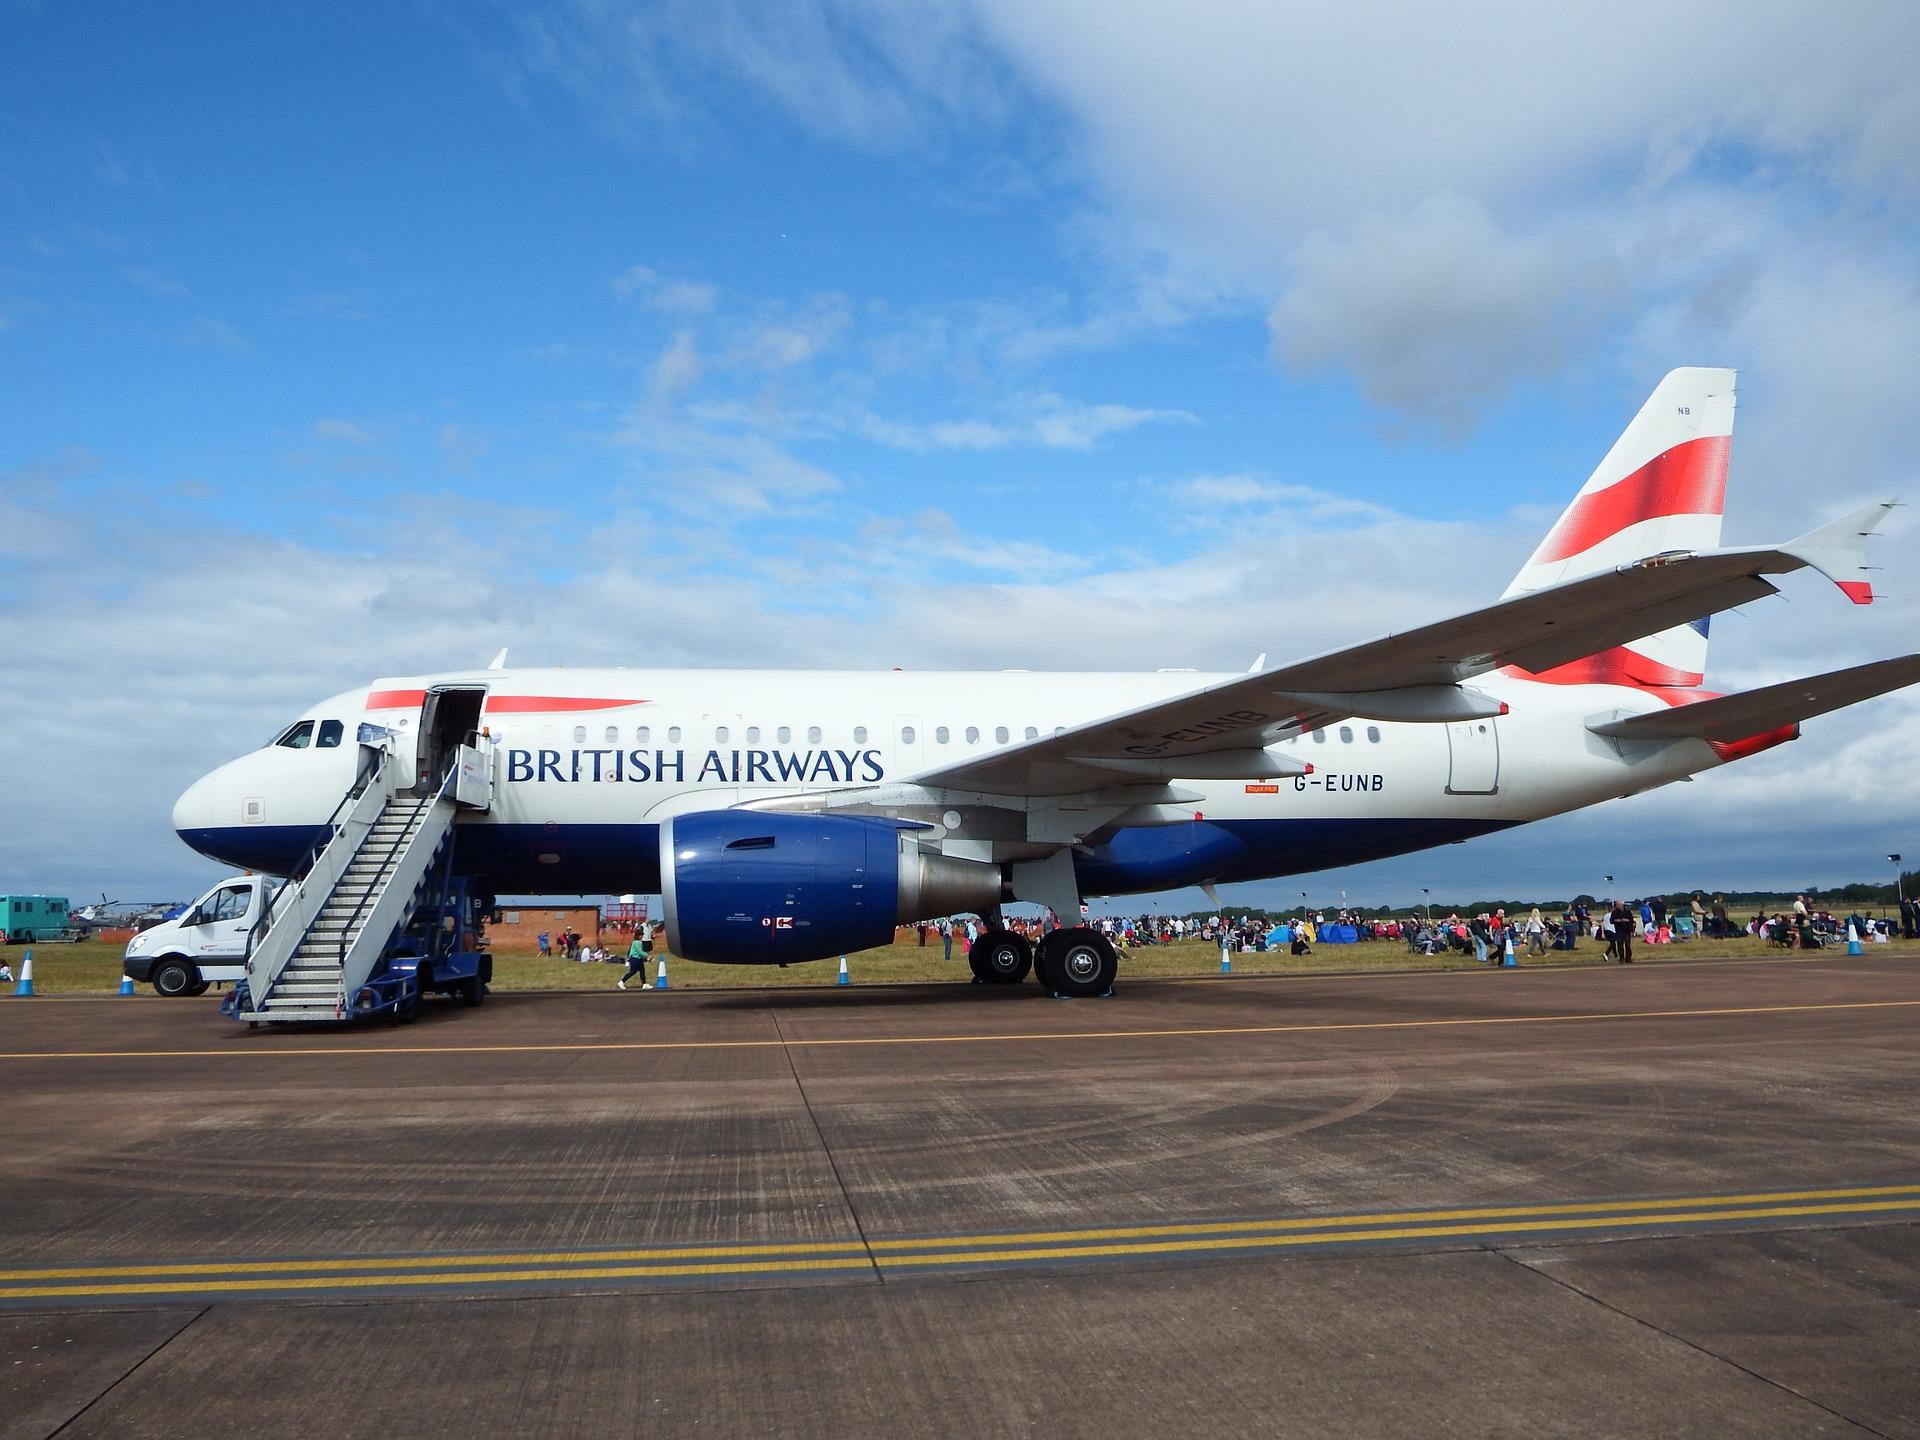 ICO Riscontra Una Violazione Del  GDPR: L'intenzione è Di Multare British Airways,  £ 183,39 Milioni Per Violazione Dei Dati